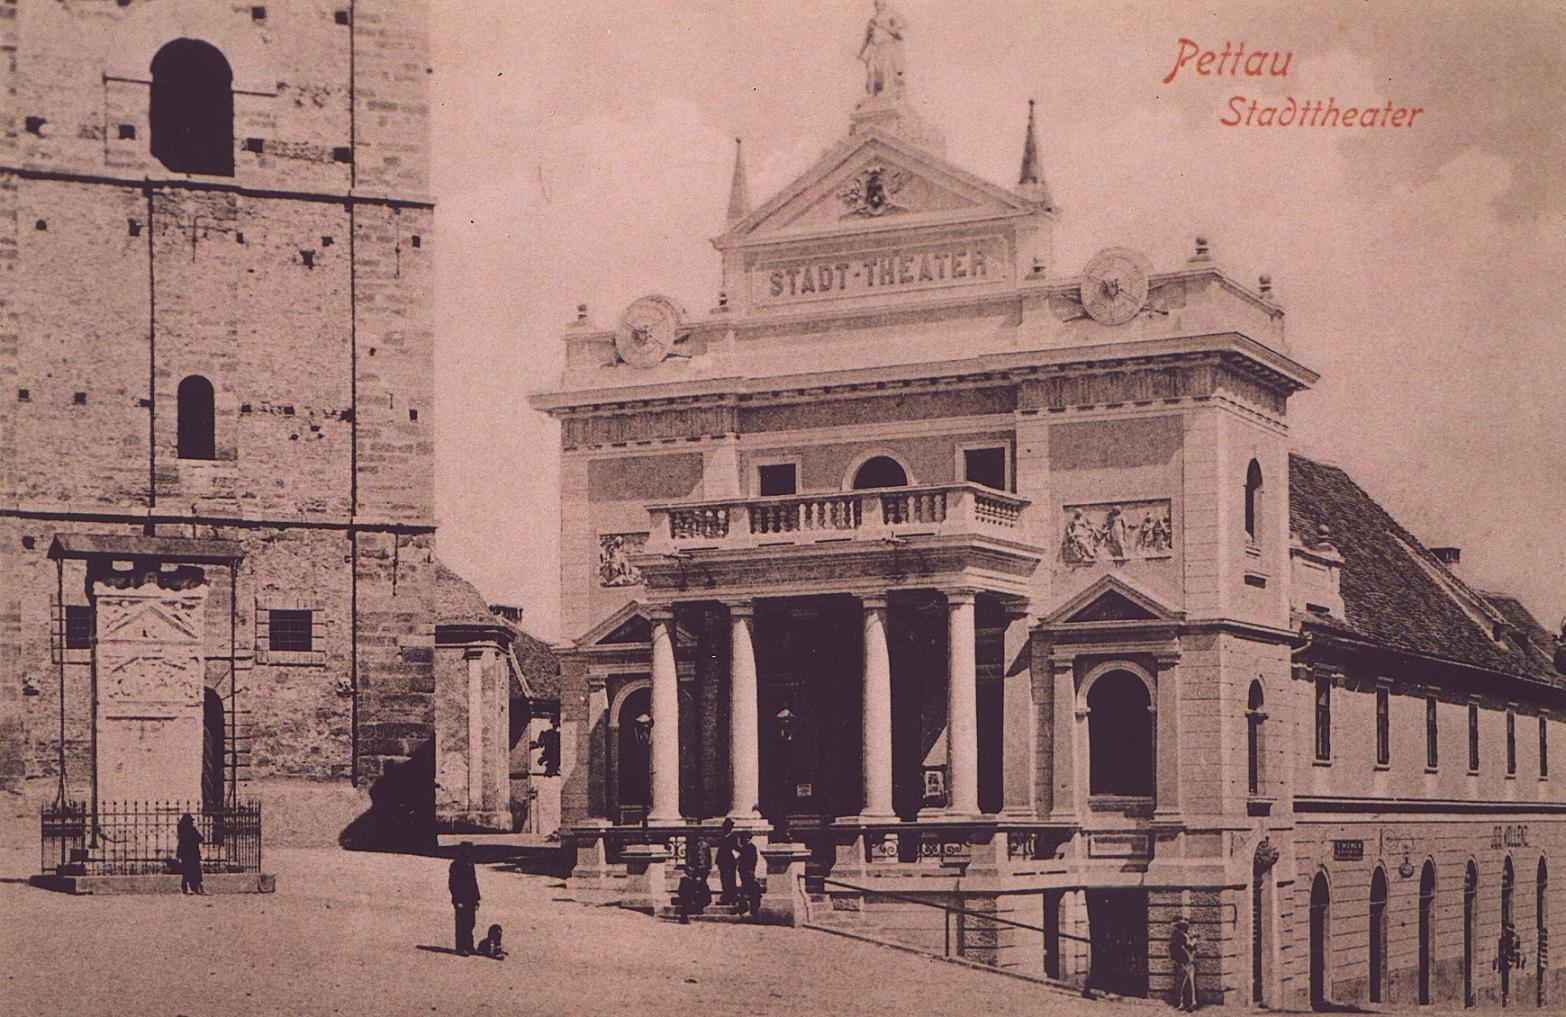 Zgodovina ptujskega gledališča sega v leto 1786, ko je na prostoru današnje stavbe nastal Städtisches Comödienhaus.